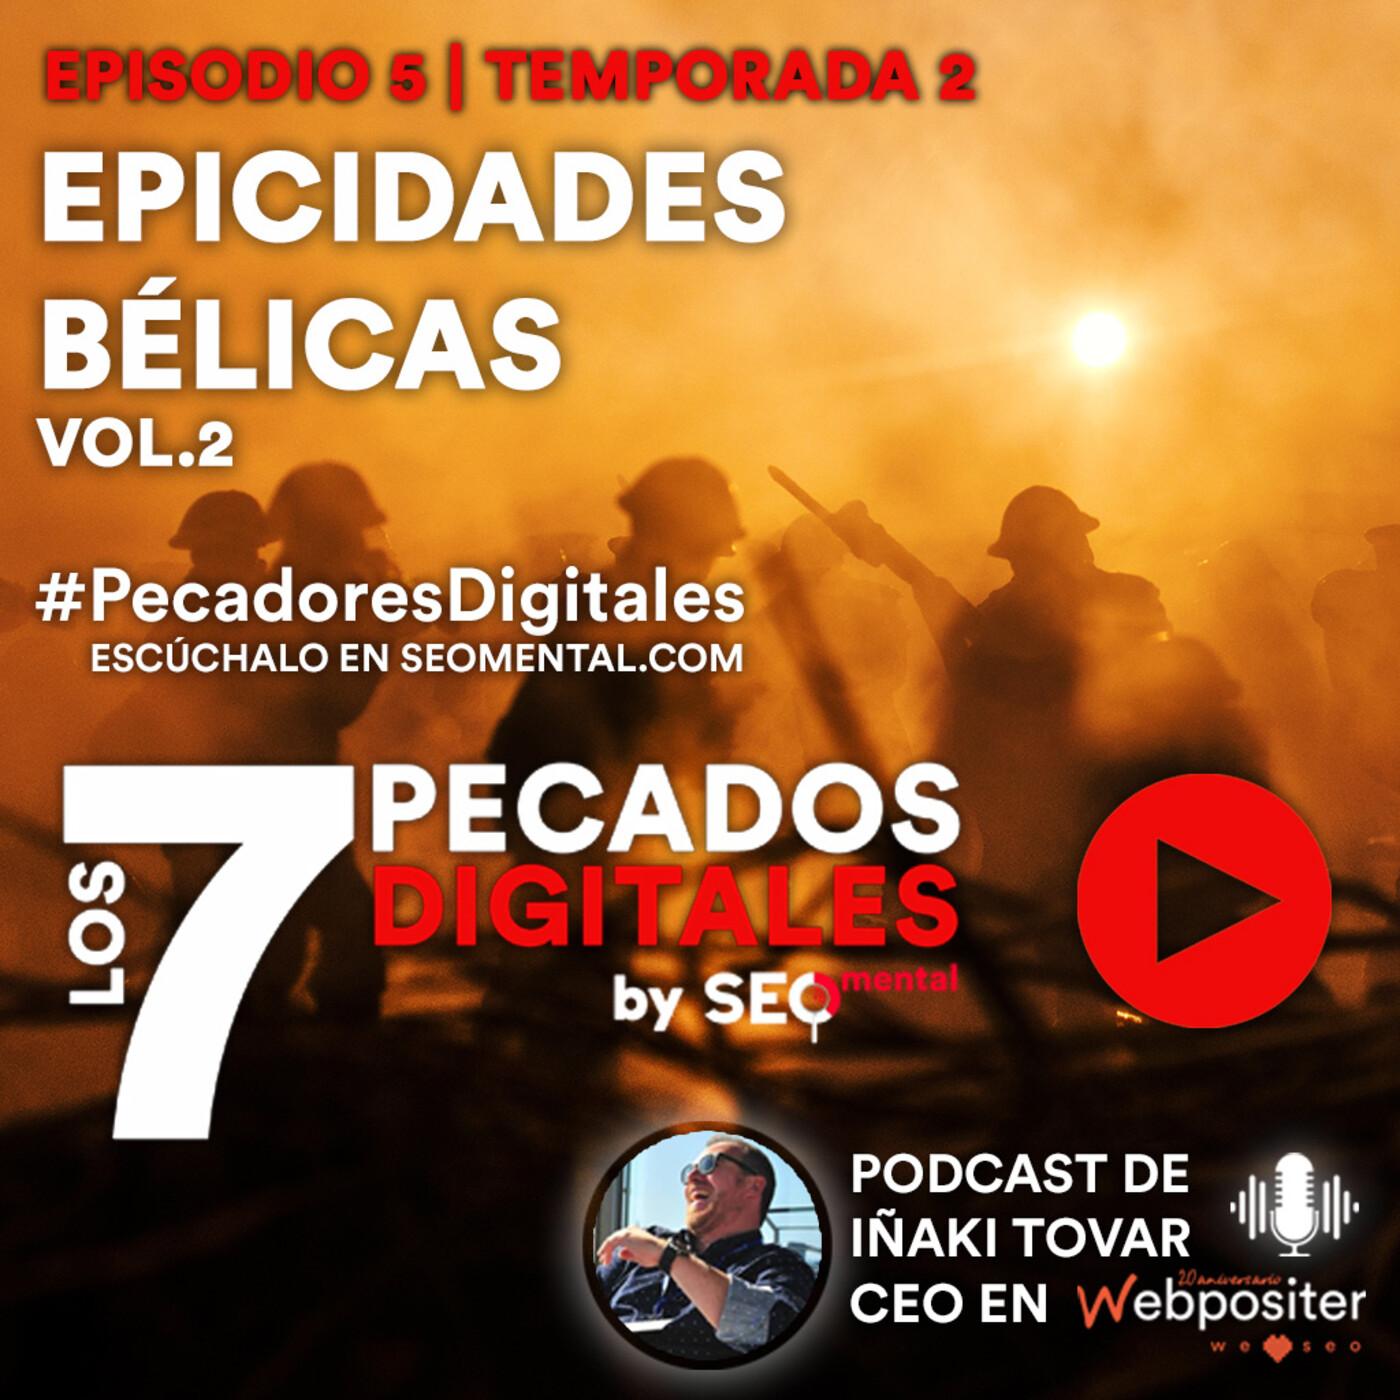 Epicidades Bélicas VOL.2 | E05S02